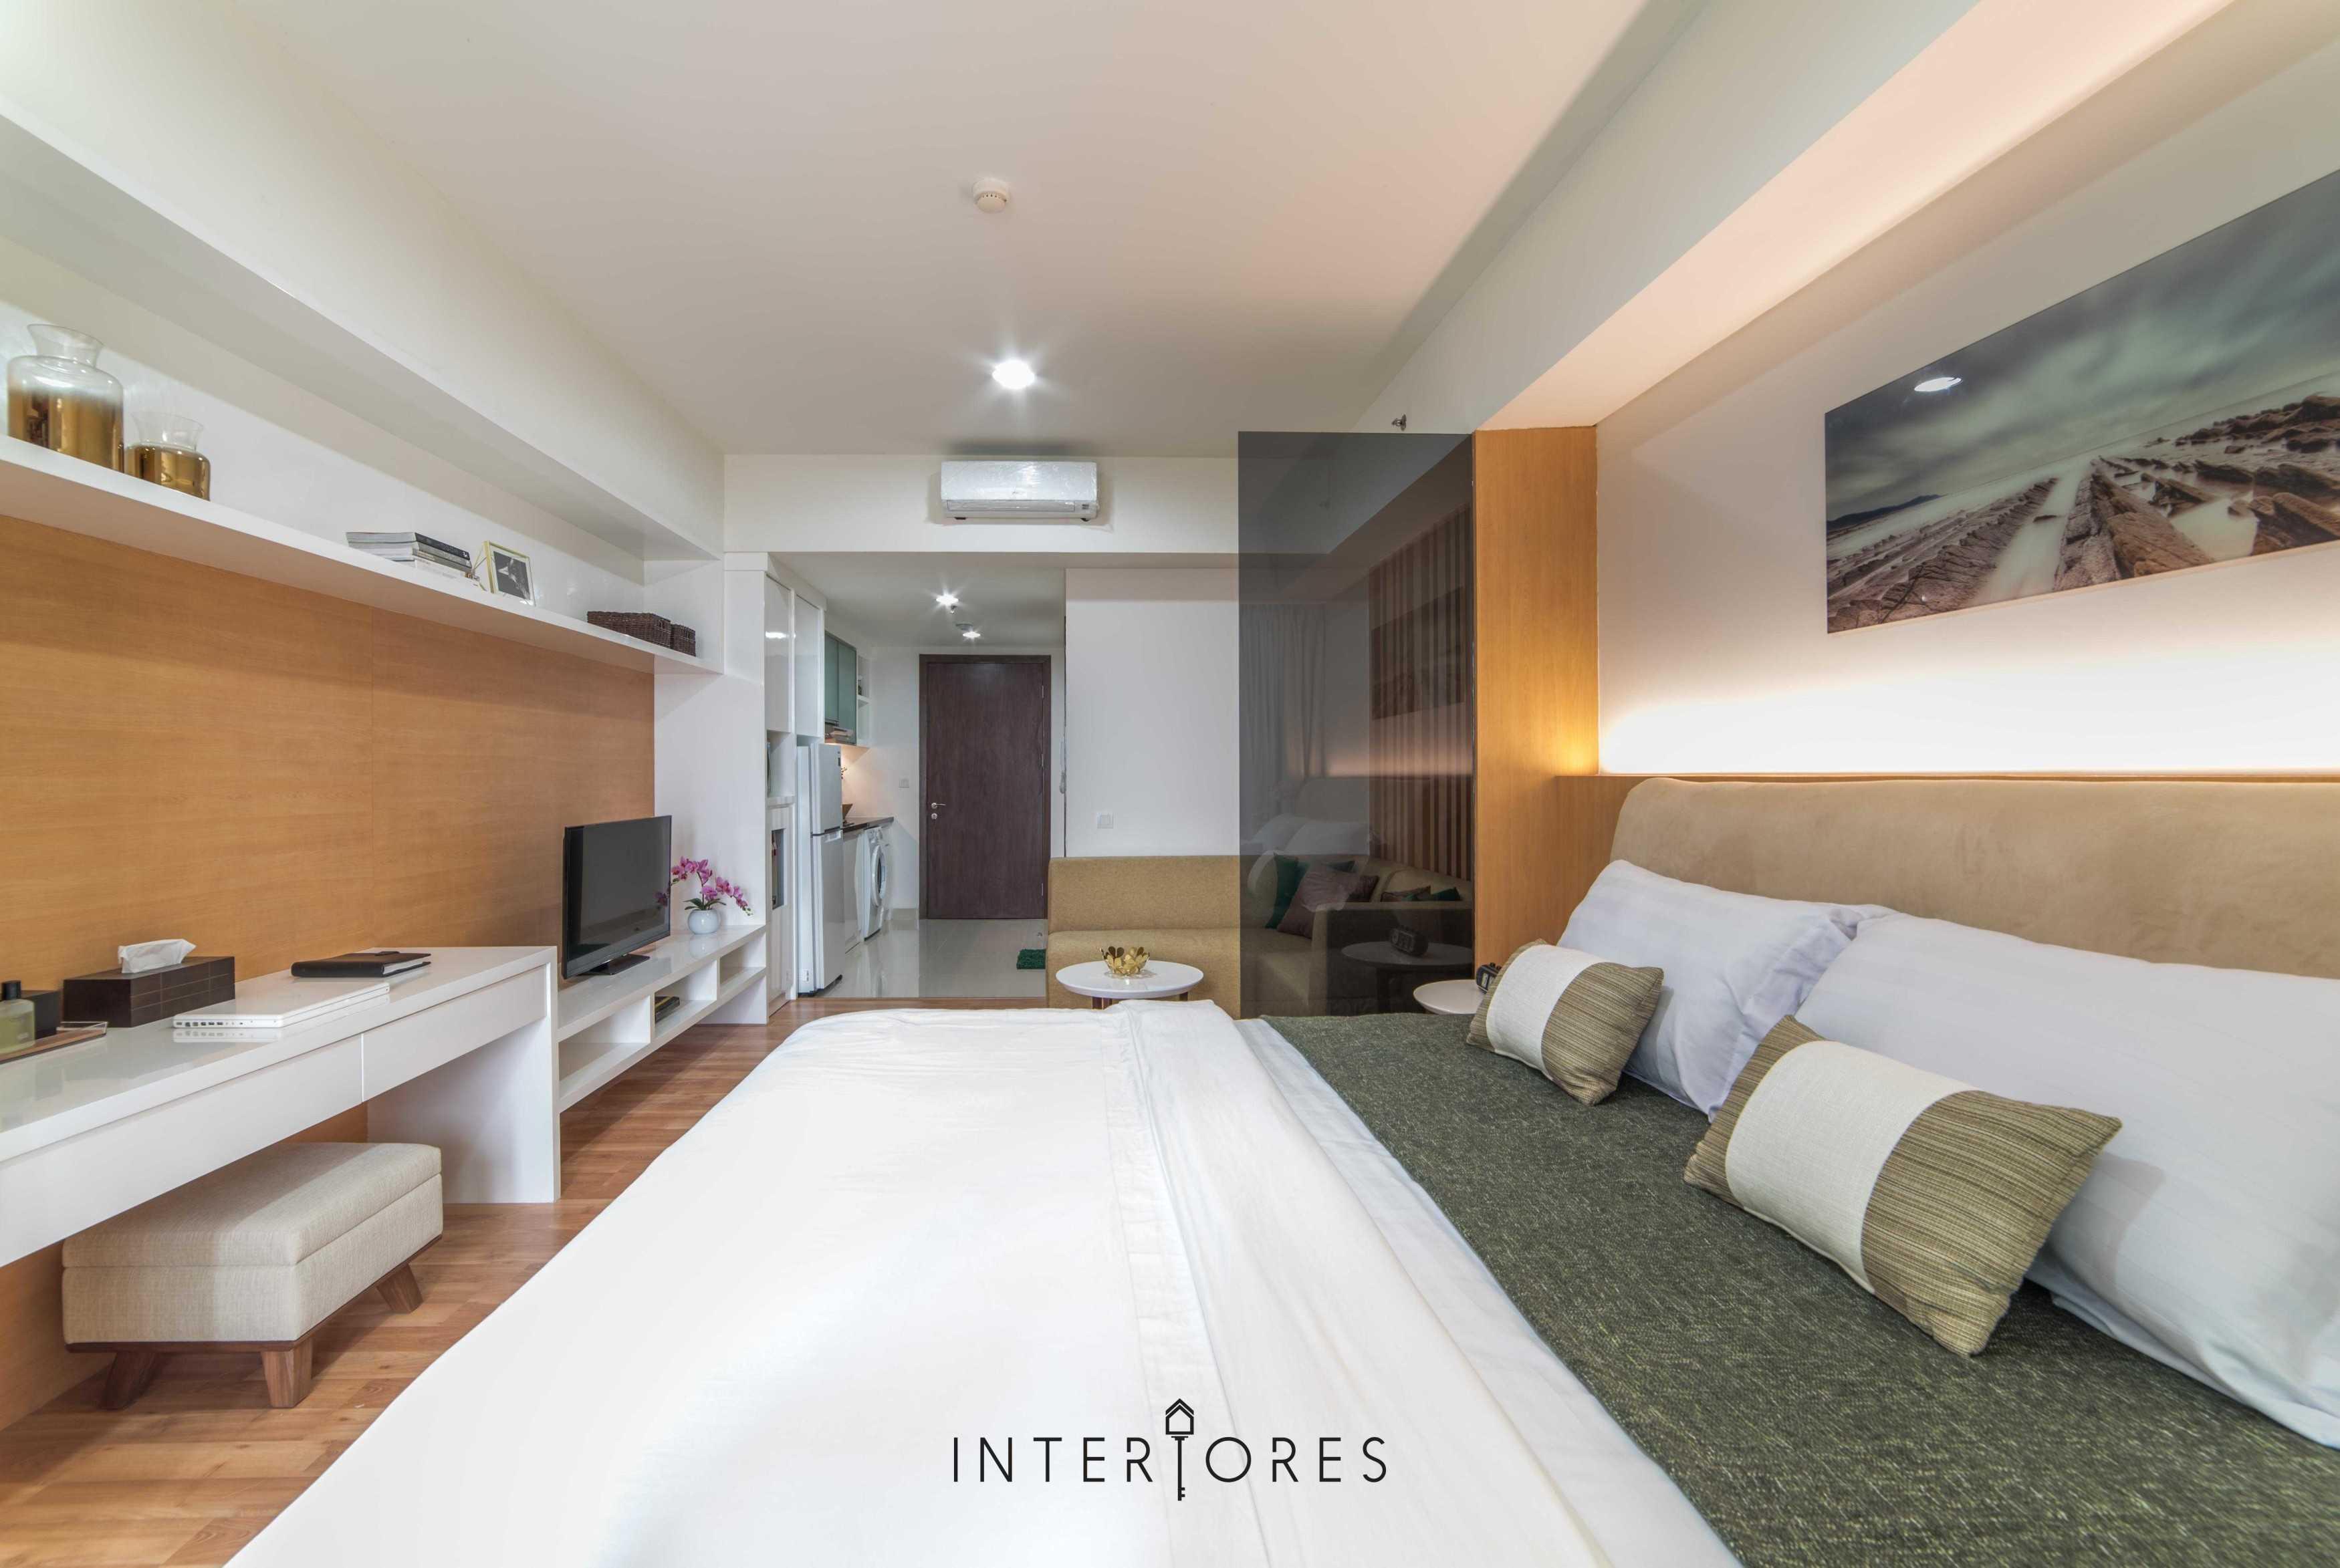 Interiores Interior Consultant & Build Studio 06C3 Kemang Village, Jakarta Selatan Kemang Village, Jakarta Selatan Bedroom Modern  17697